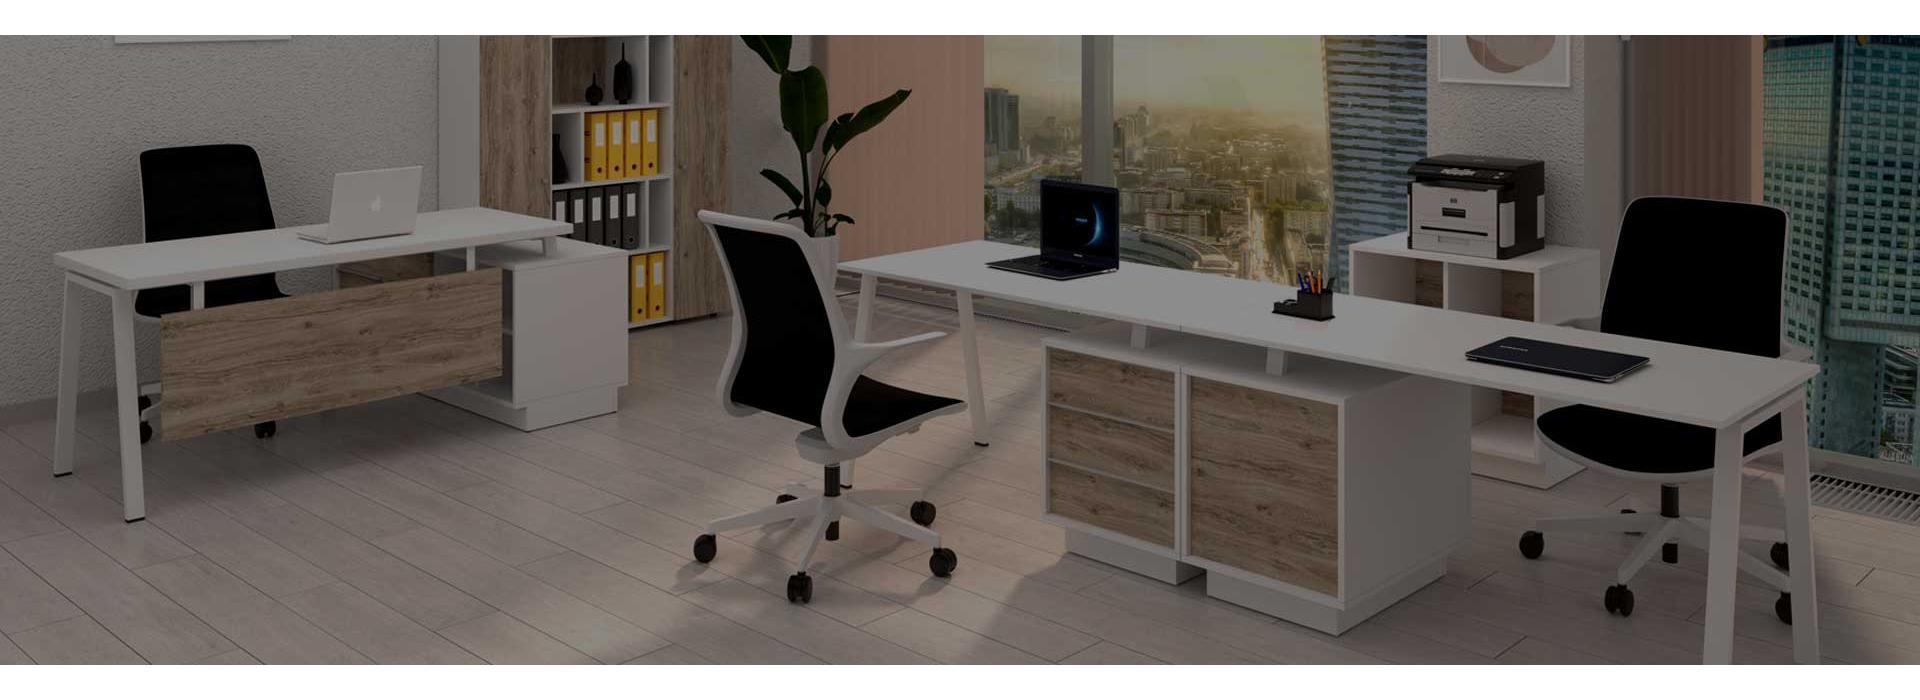 Бесплатный 3D-Дизайн от производителя мебели